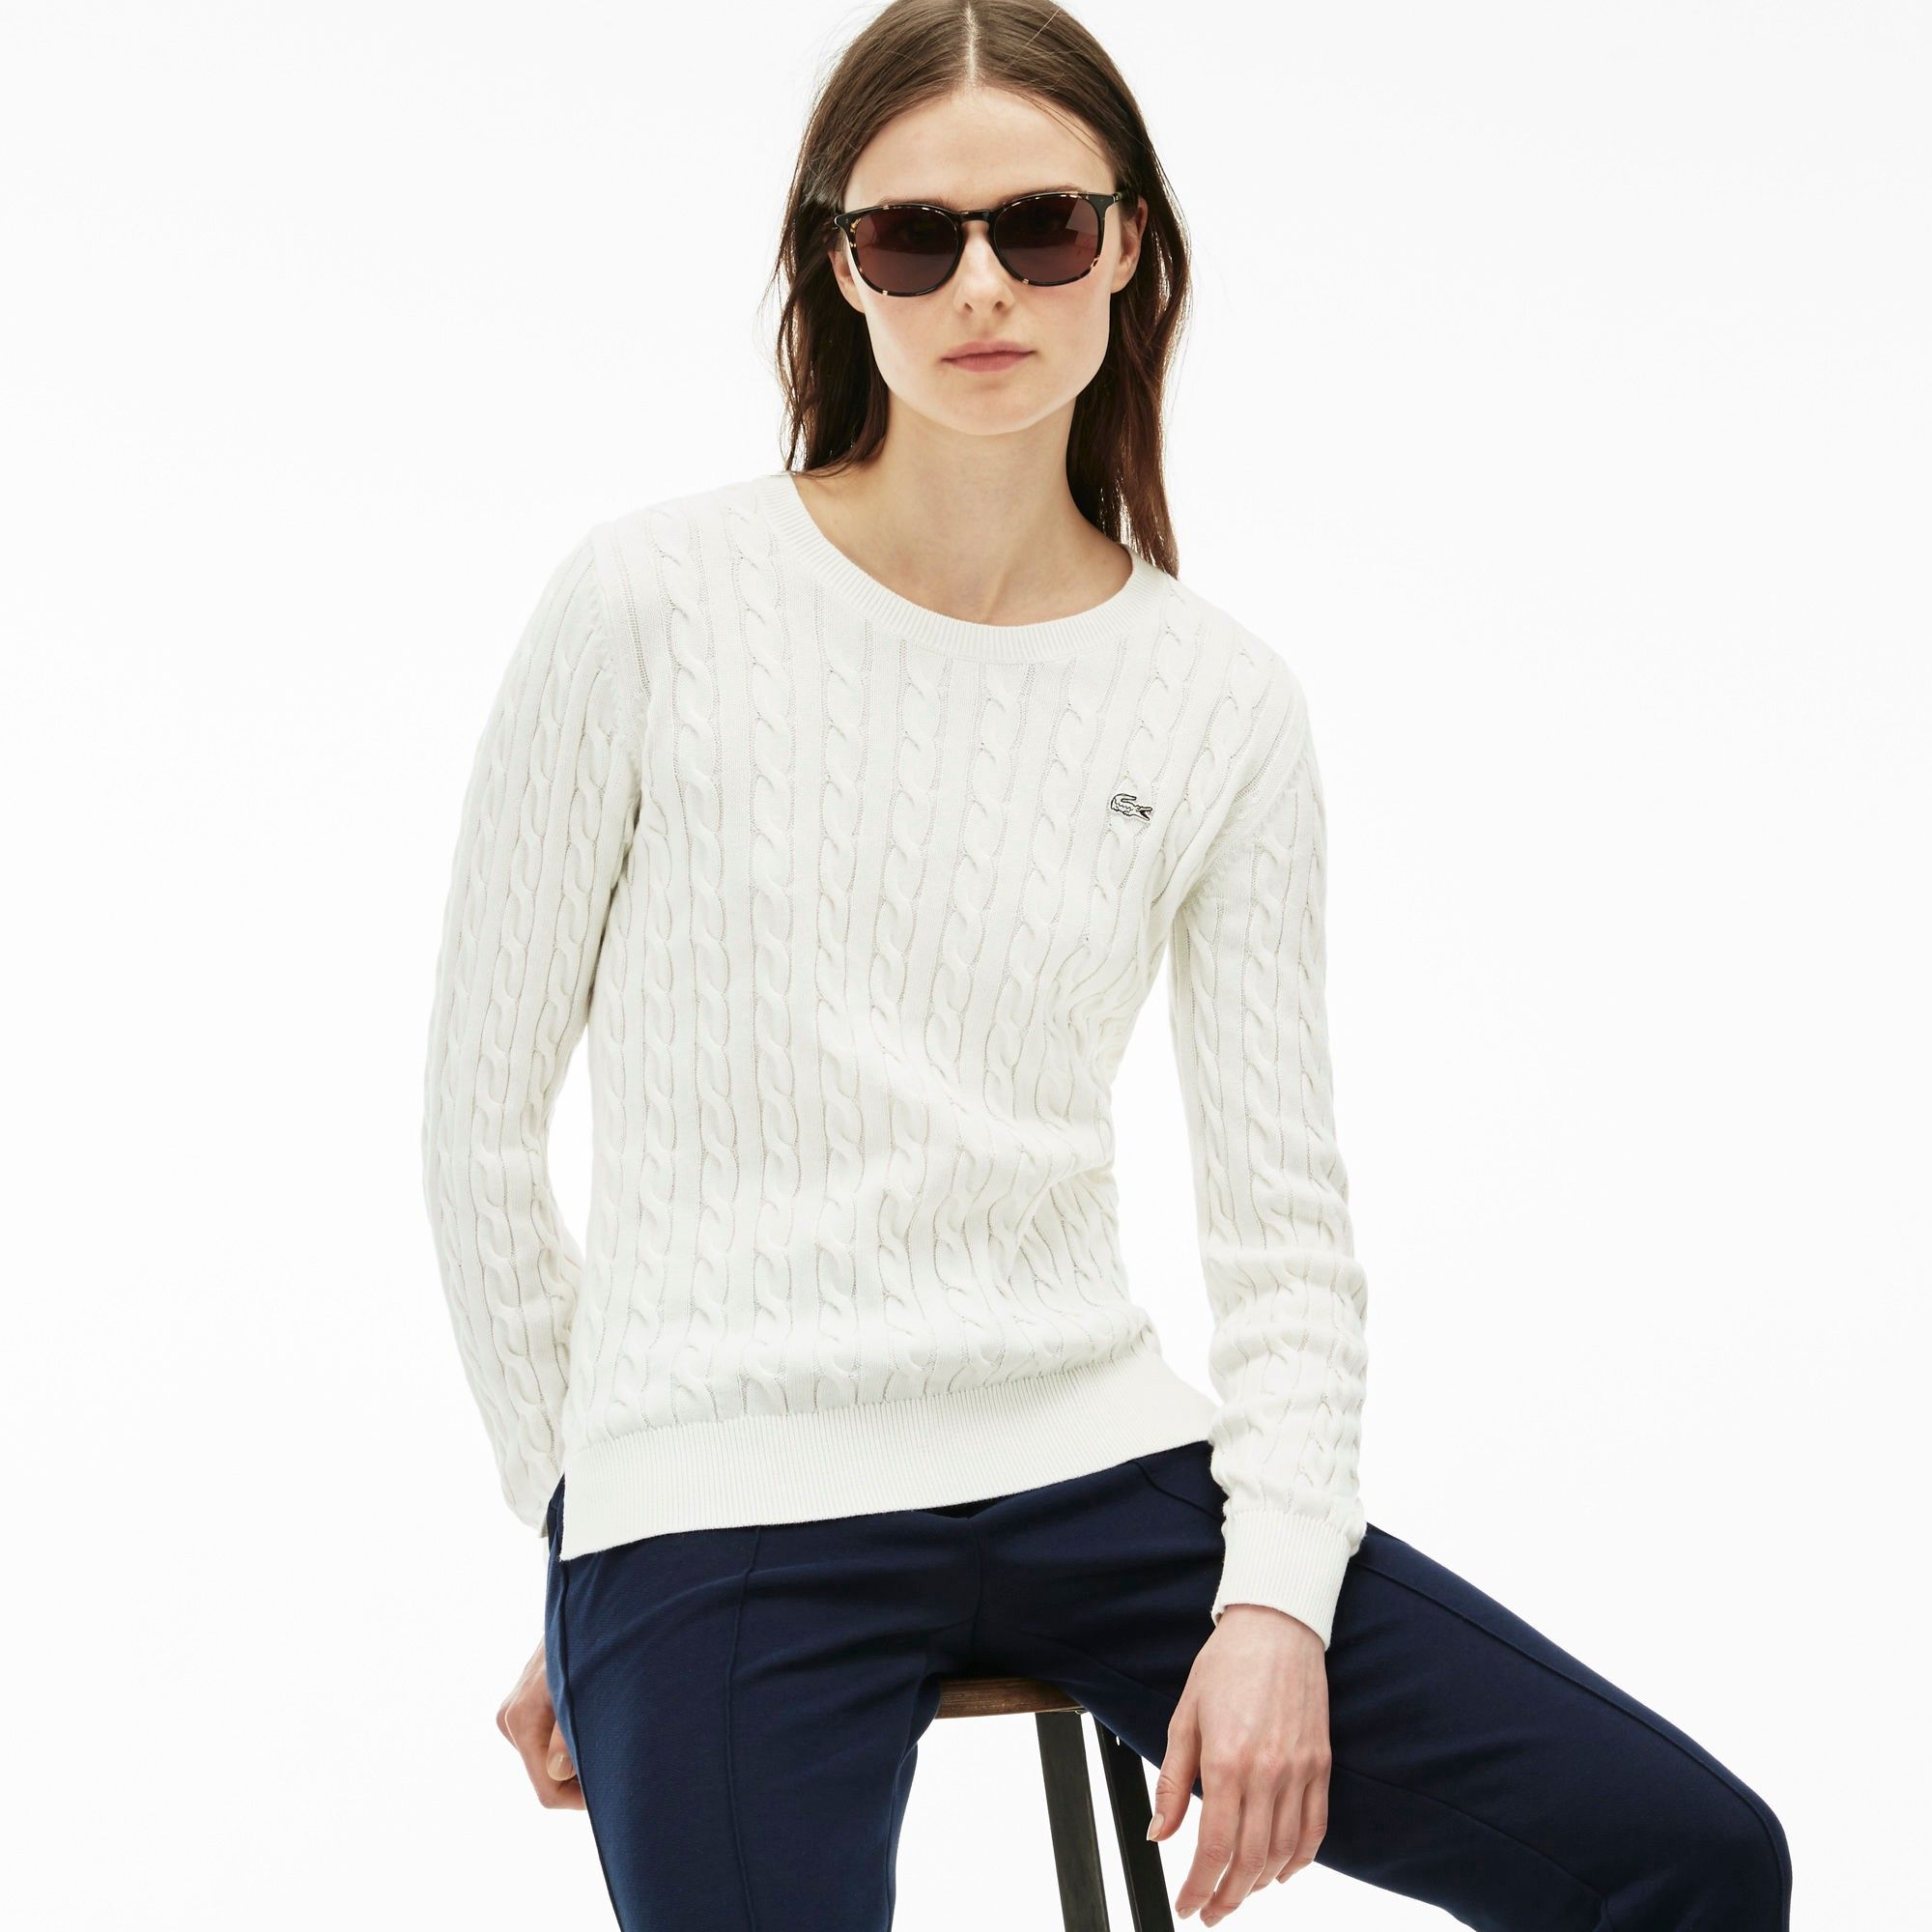 LACOSTE Women'S Cotton Cable Knit Crewneck Sweater - Cake Flour ...